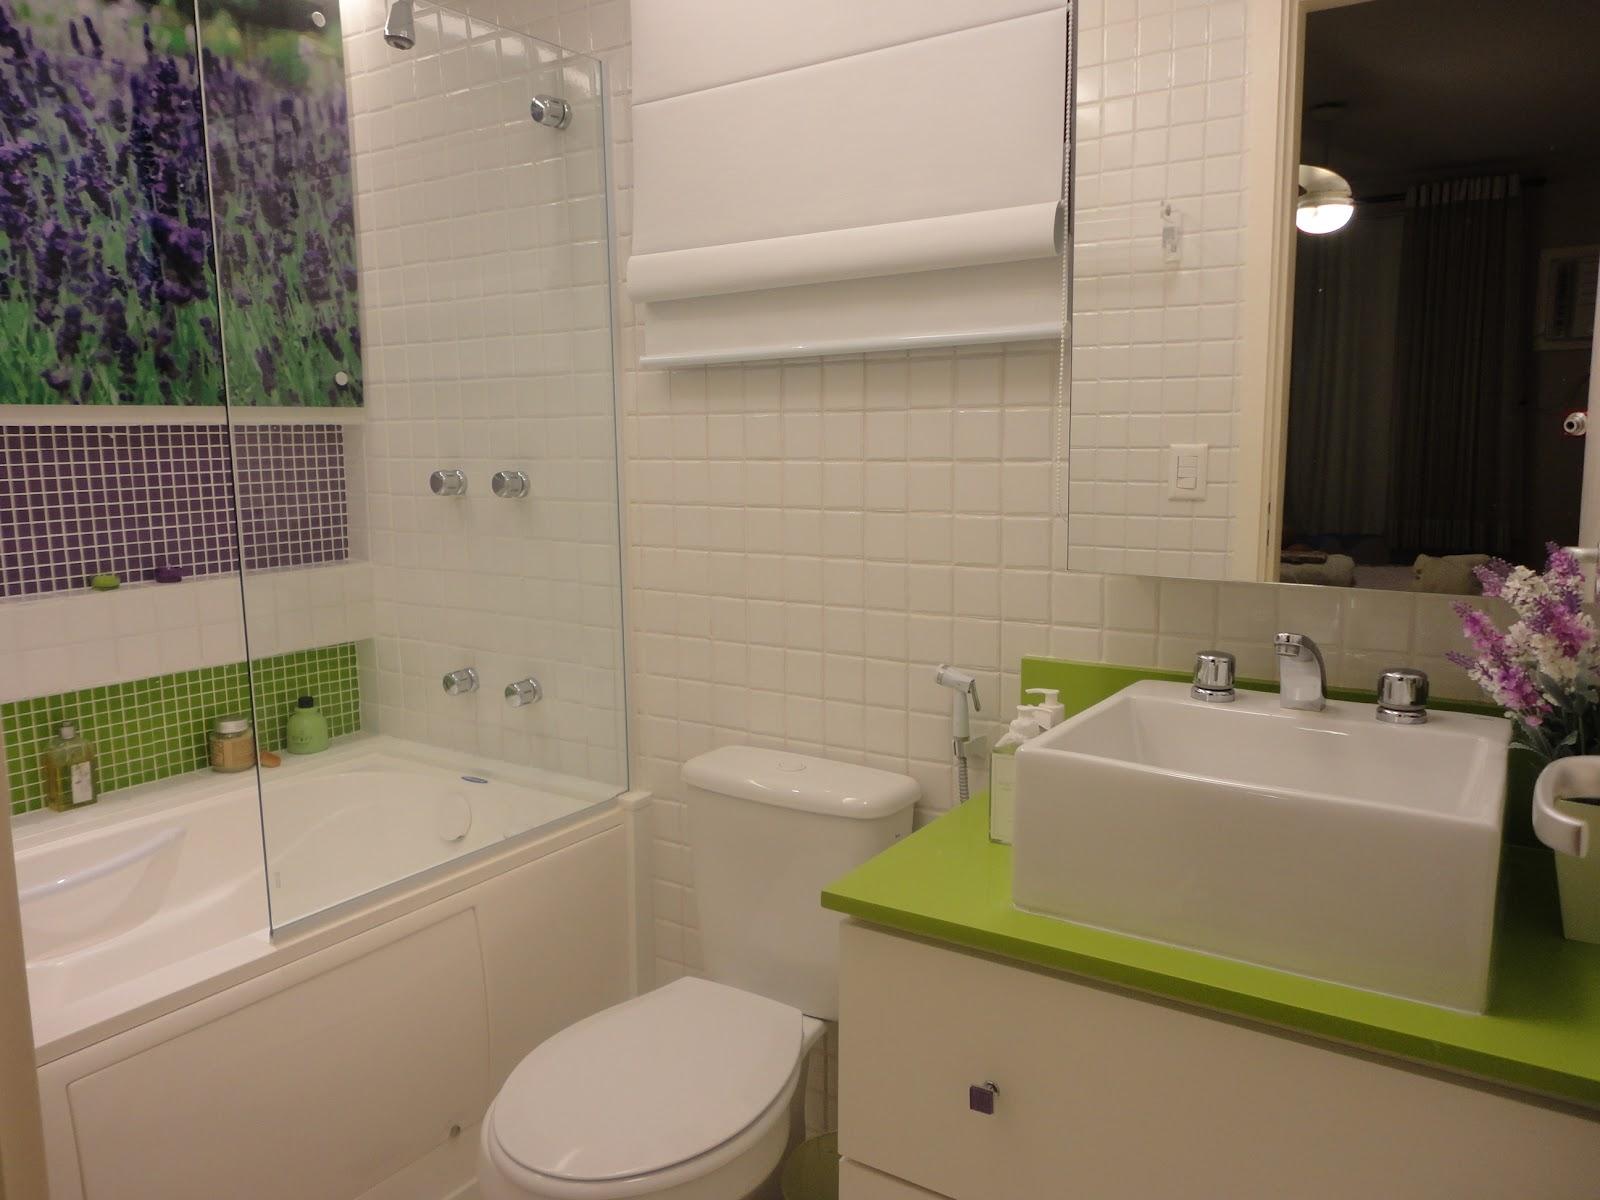 armário/espelho é iluminado por trás com fita led. #766F3E 1600x1200 Banheiro Com Banheira Verde